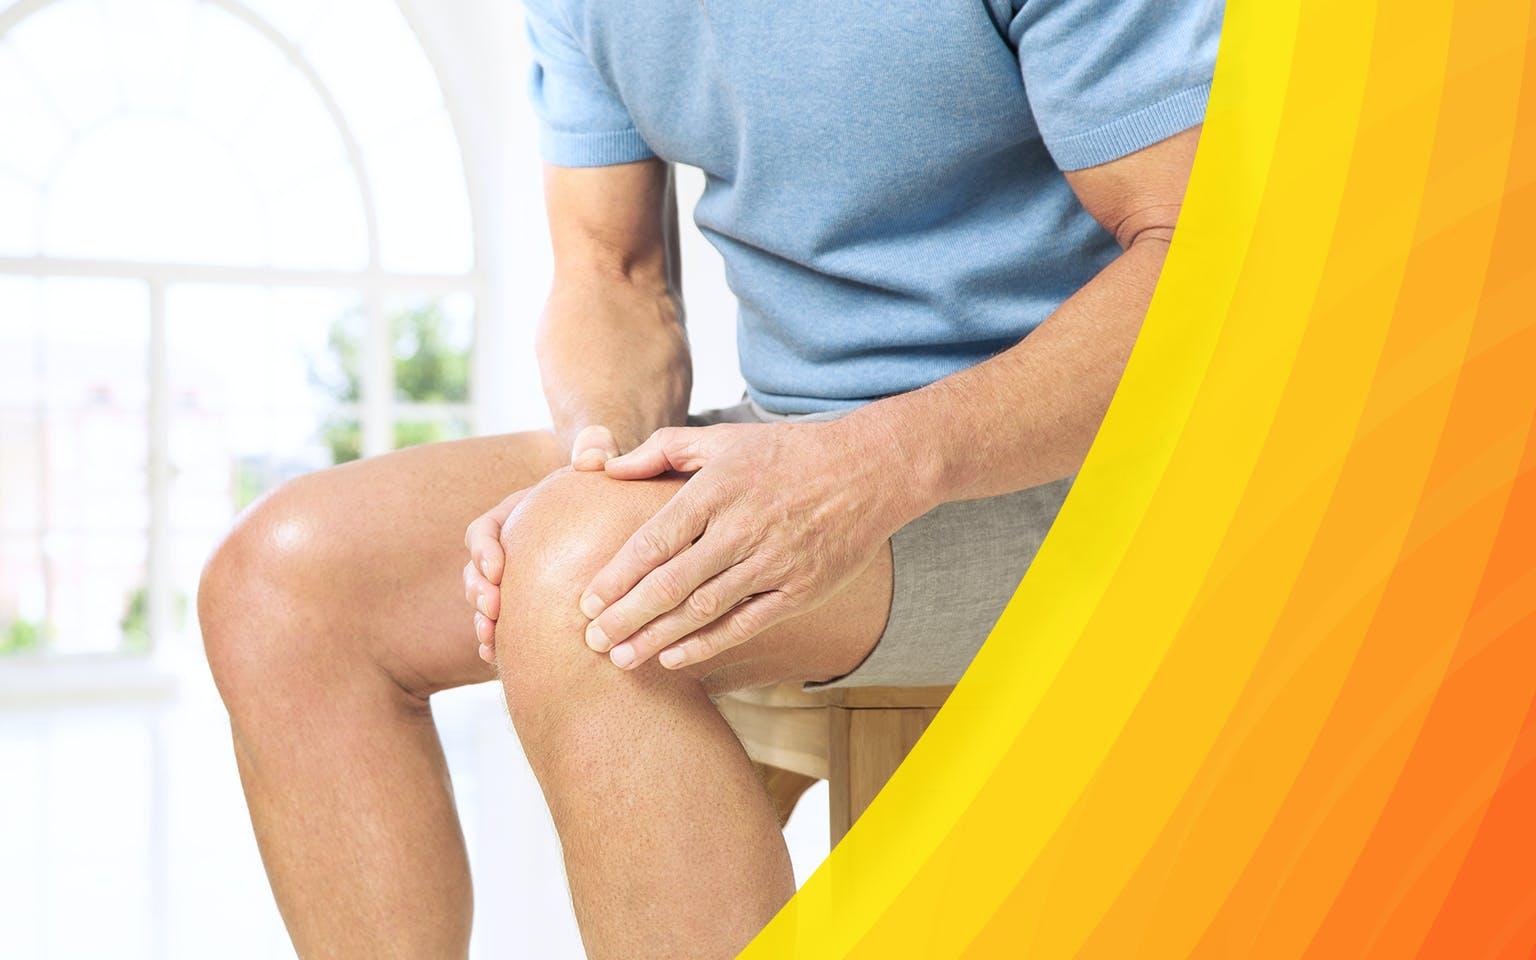 oka nuo sąnarių skausmas somatinių skausmas raumenyse ir sąnariuose